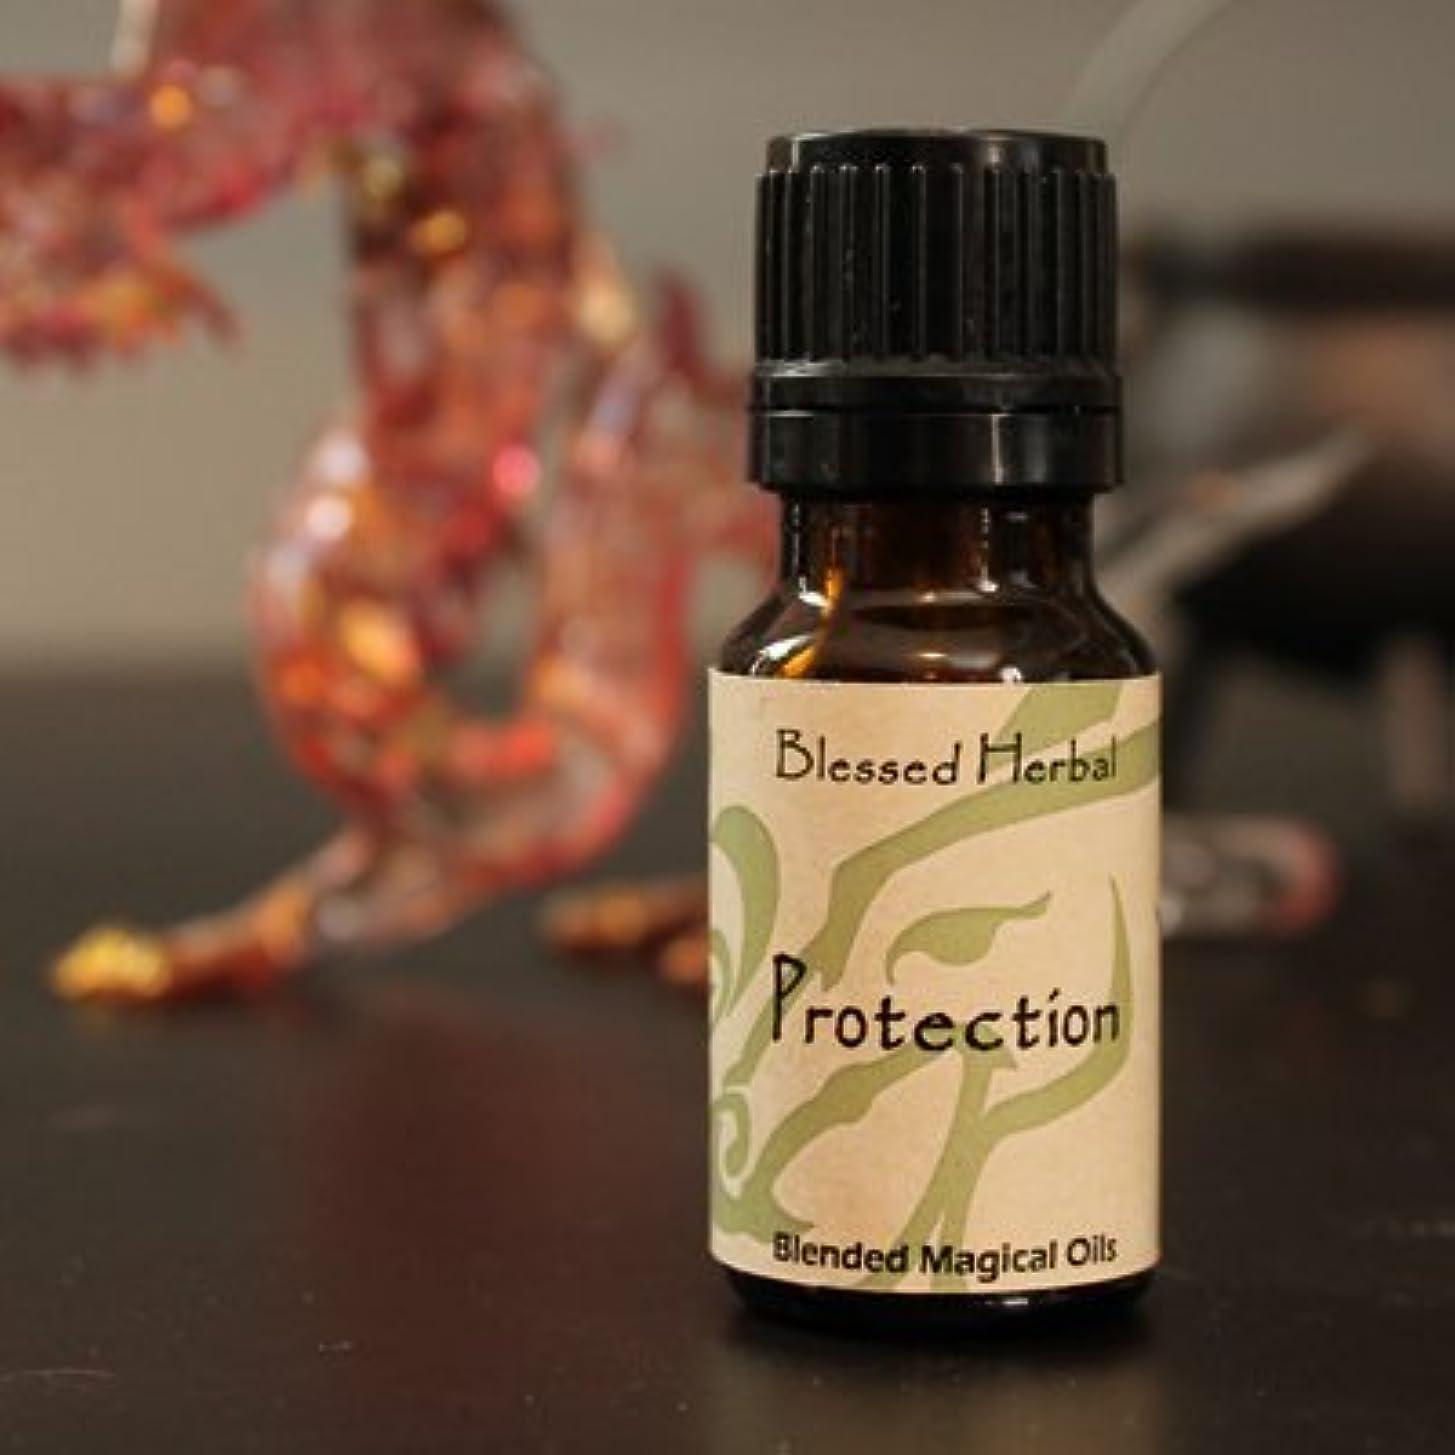 同時隠されたユーザーArcadia市場Presents Coventry Creations Blessedハーブoil-protection